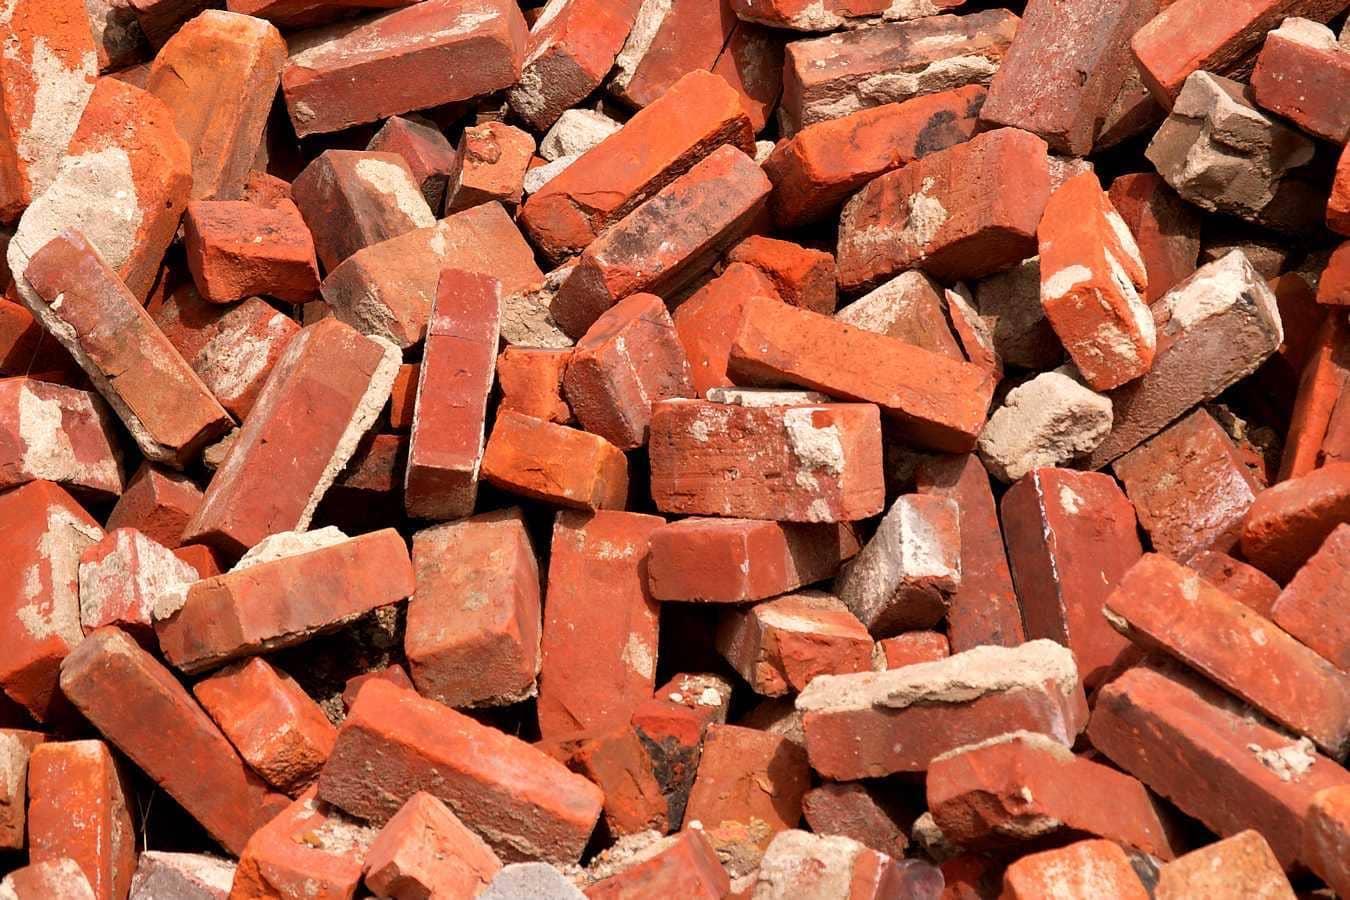 Pecahan batu bata - Thegorbalsla